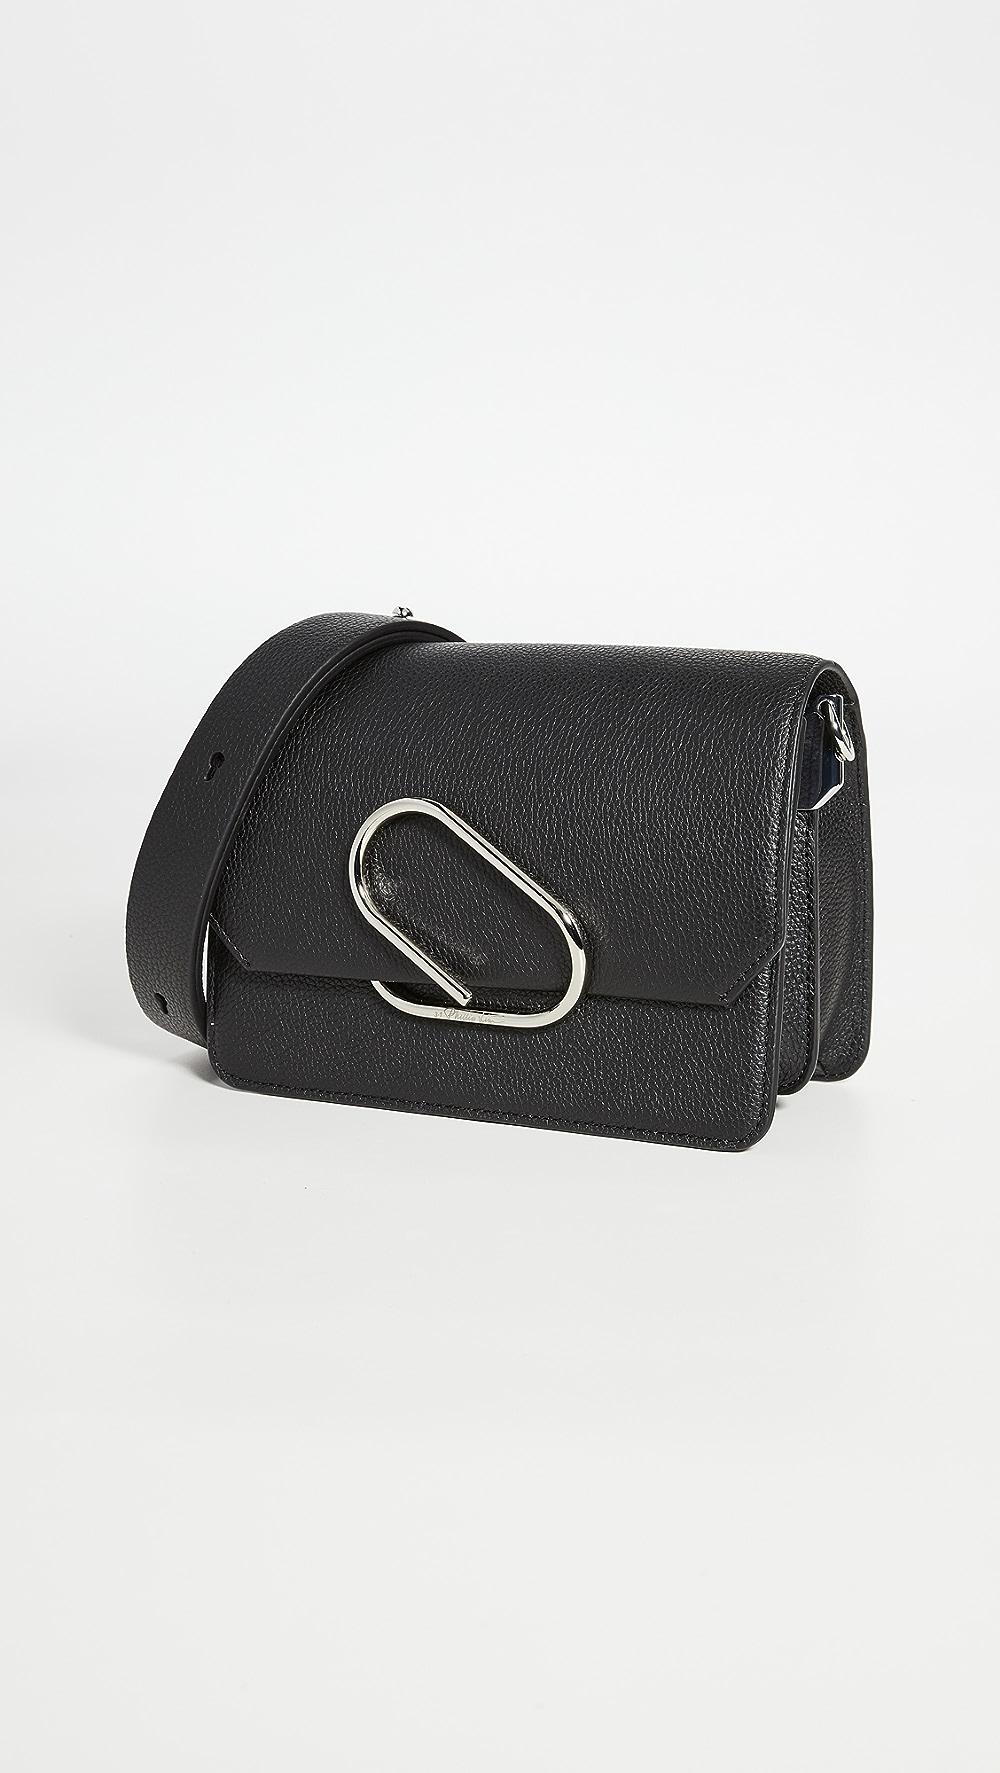 Aspiring 3.1 Phillip Lim - Alix Mini Shoulder Bag To Win A High Admiration